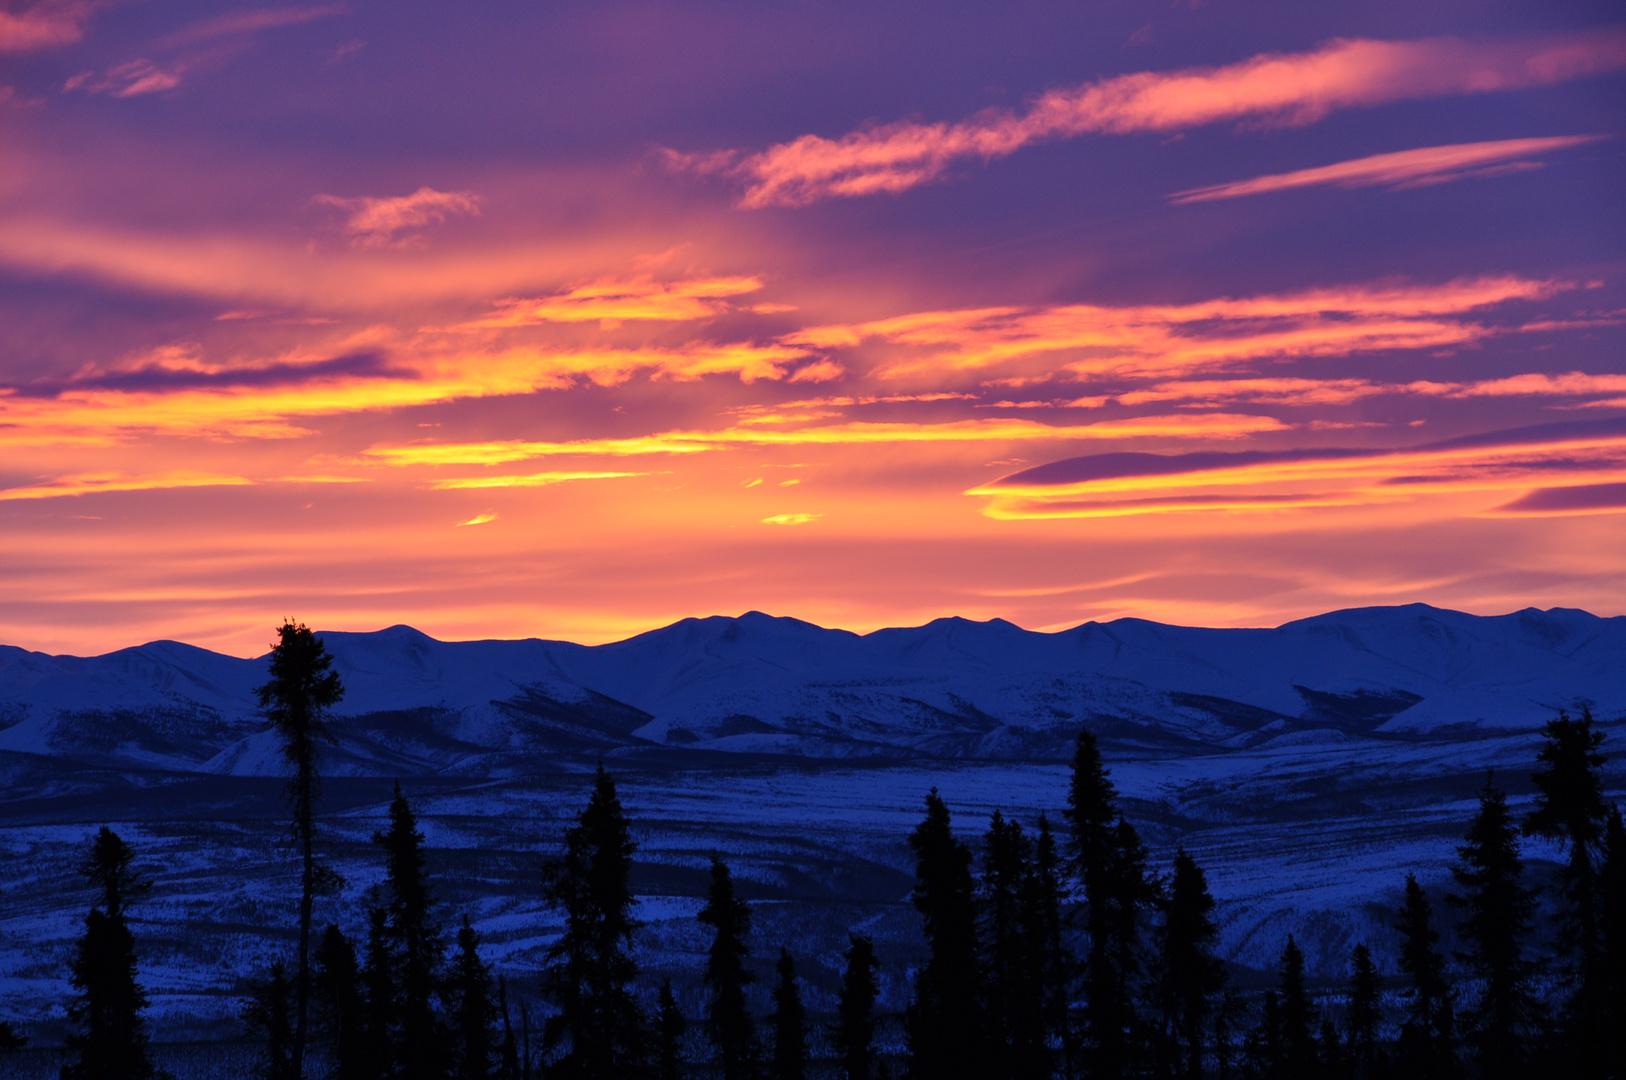 Sonnenaufgang in der kanadischen Arktis